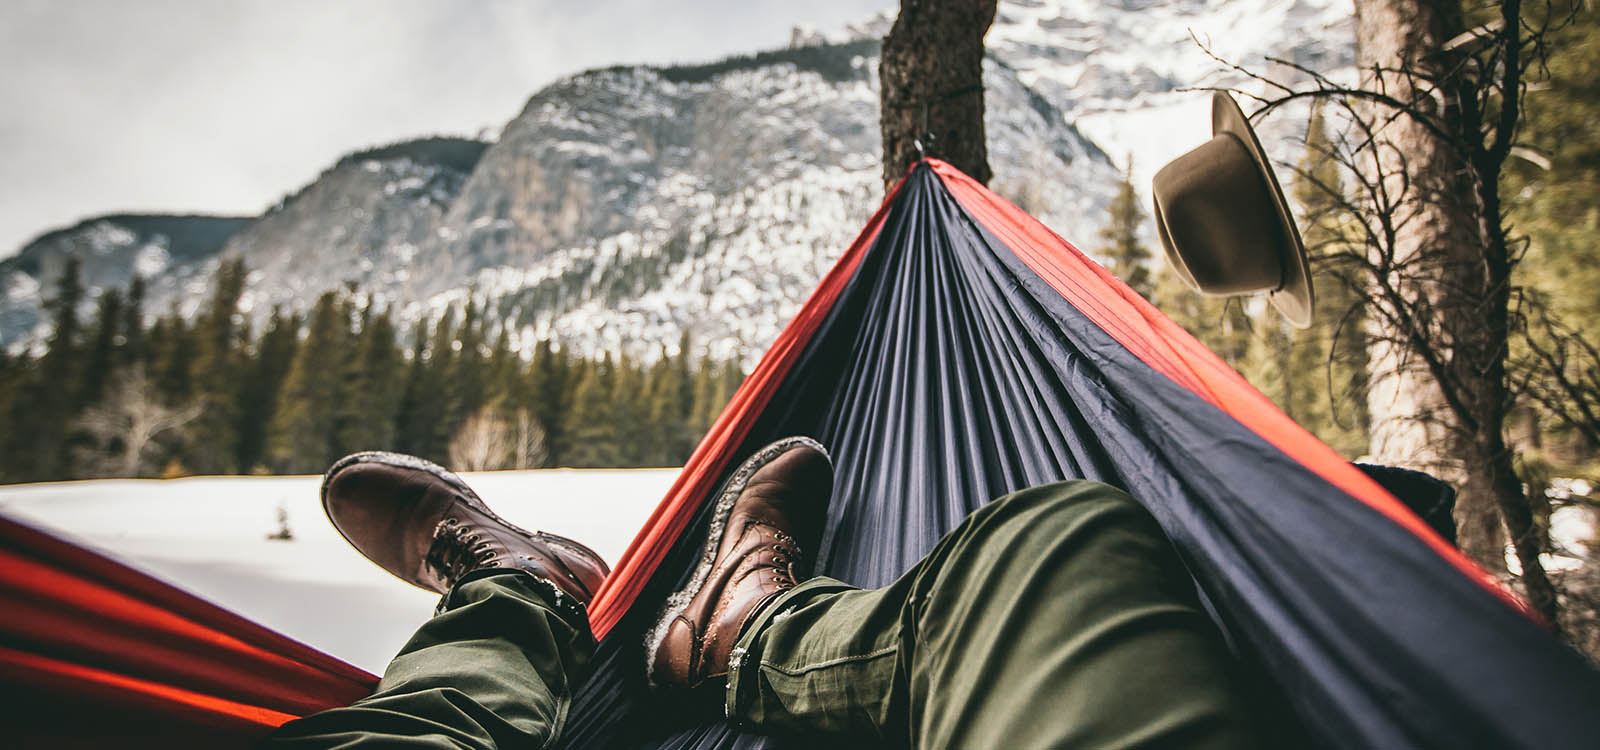 Comment Installer Un Hamac Sans Arbre mon guide pour choisir le meilleur hamac de camping